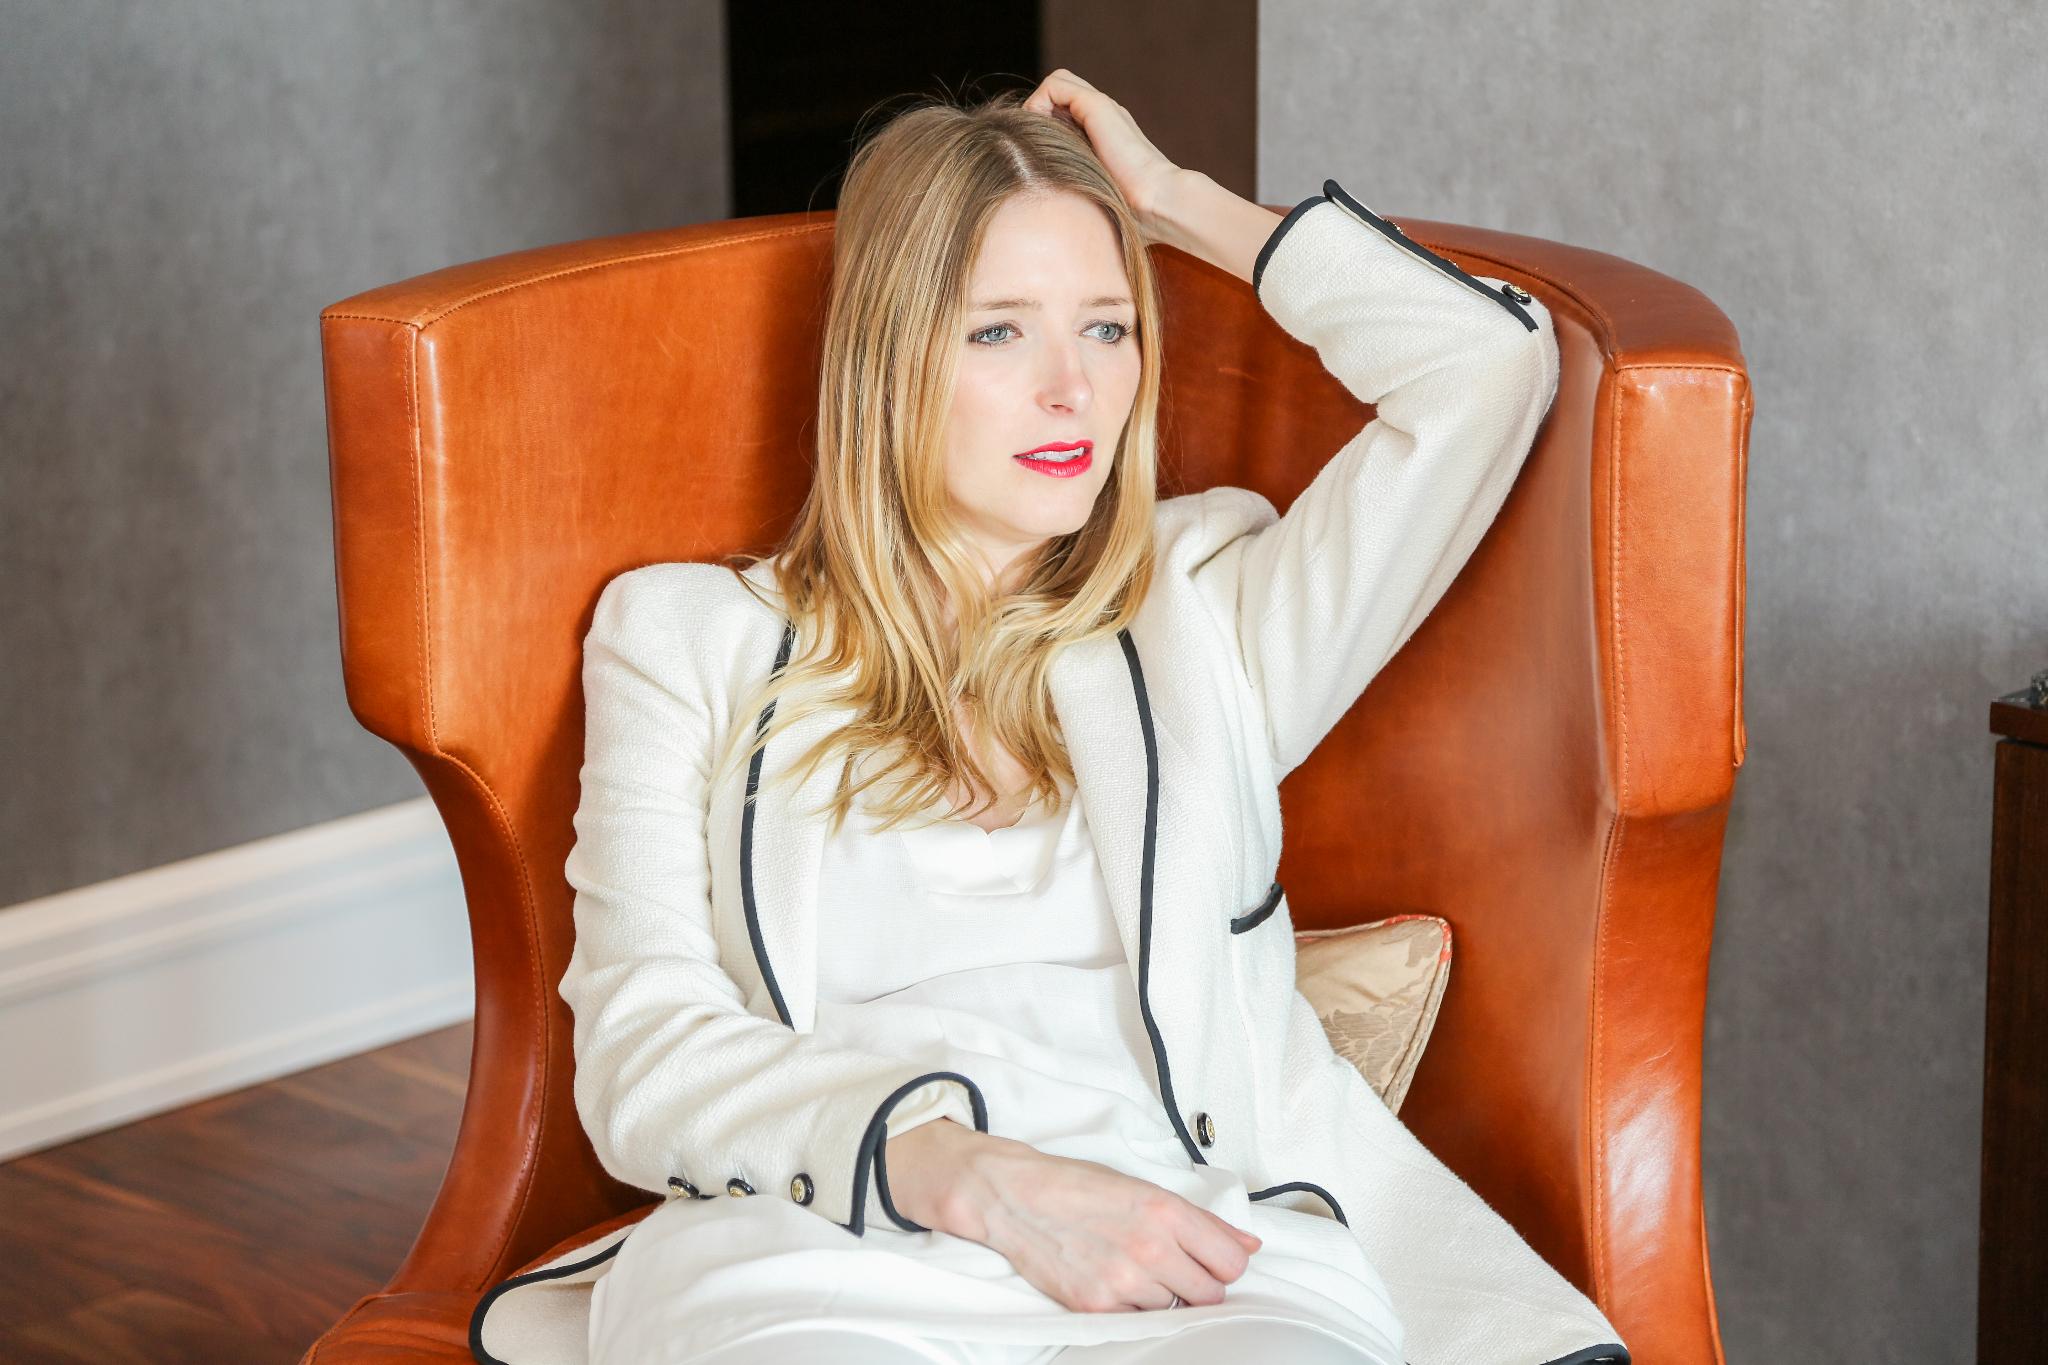 MOD-by-Monique-Fashion-Looks-The-Iconic-Chanel-Bouclé-7